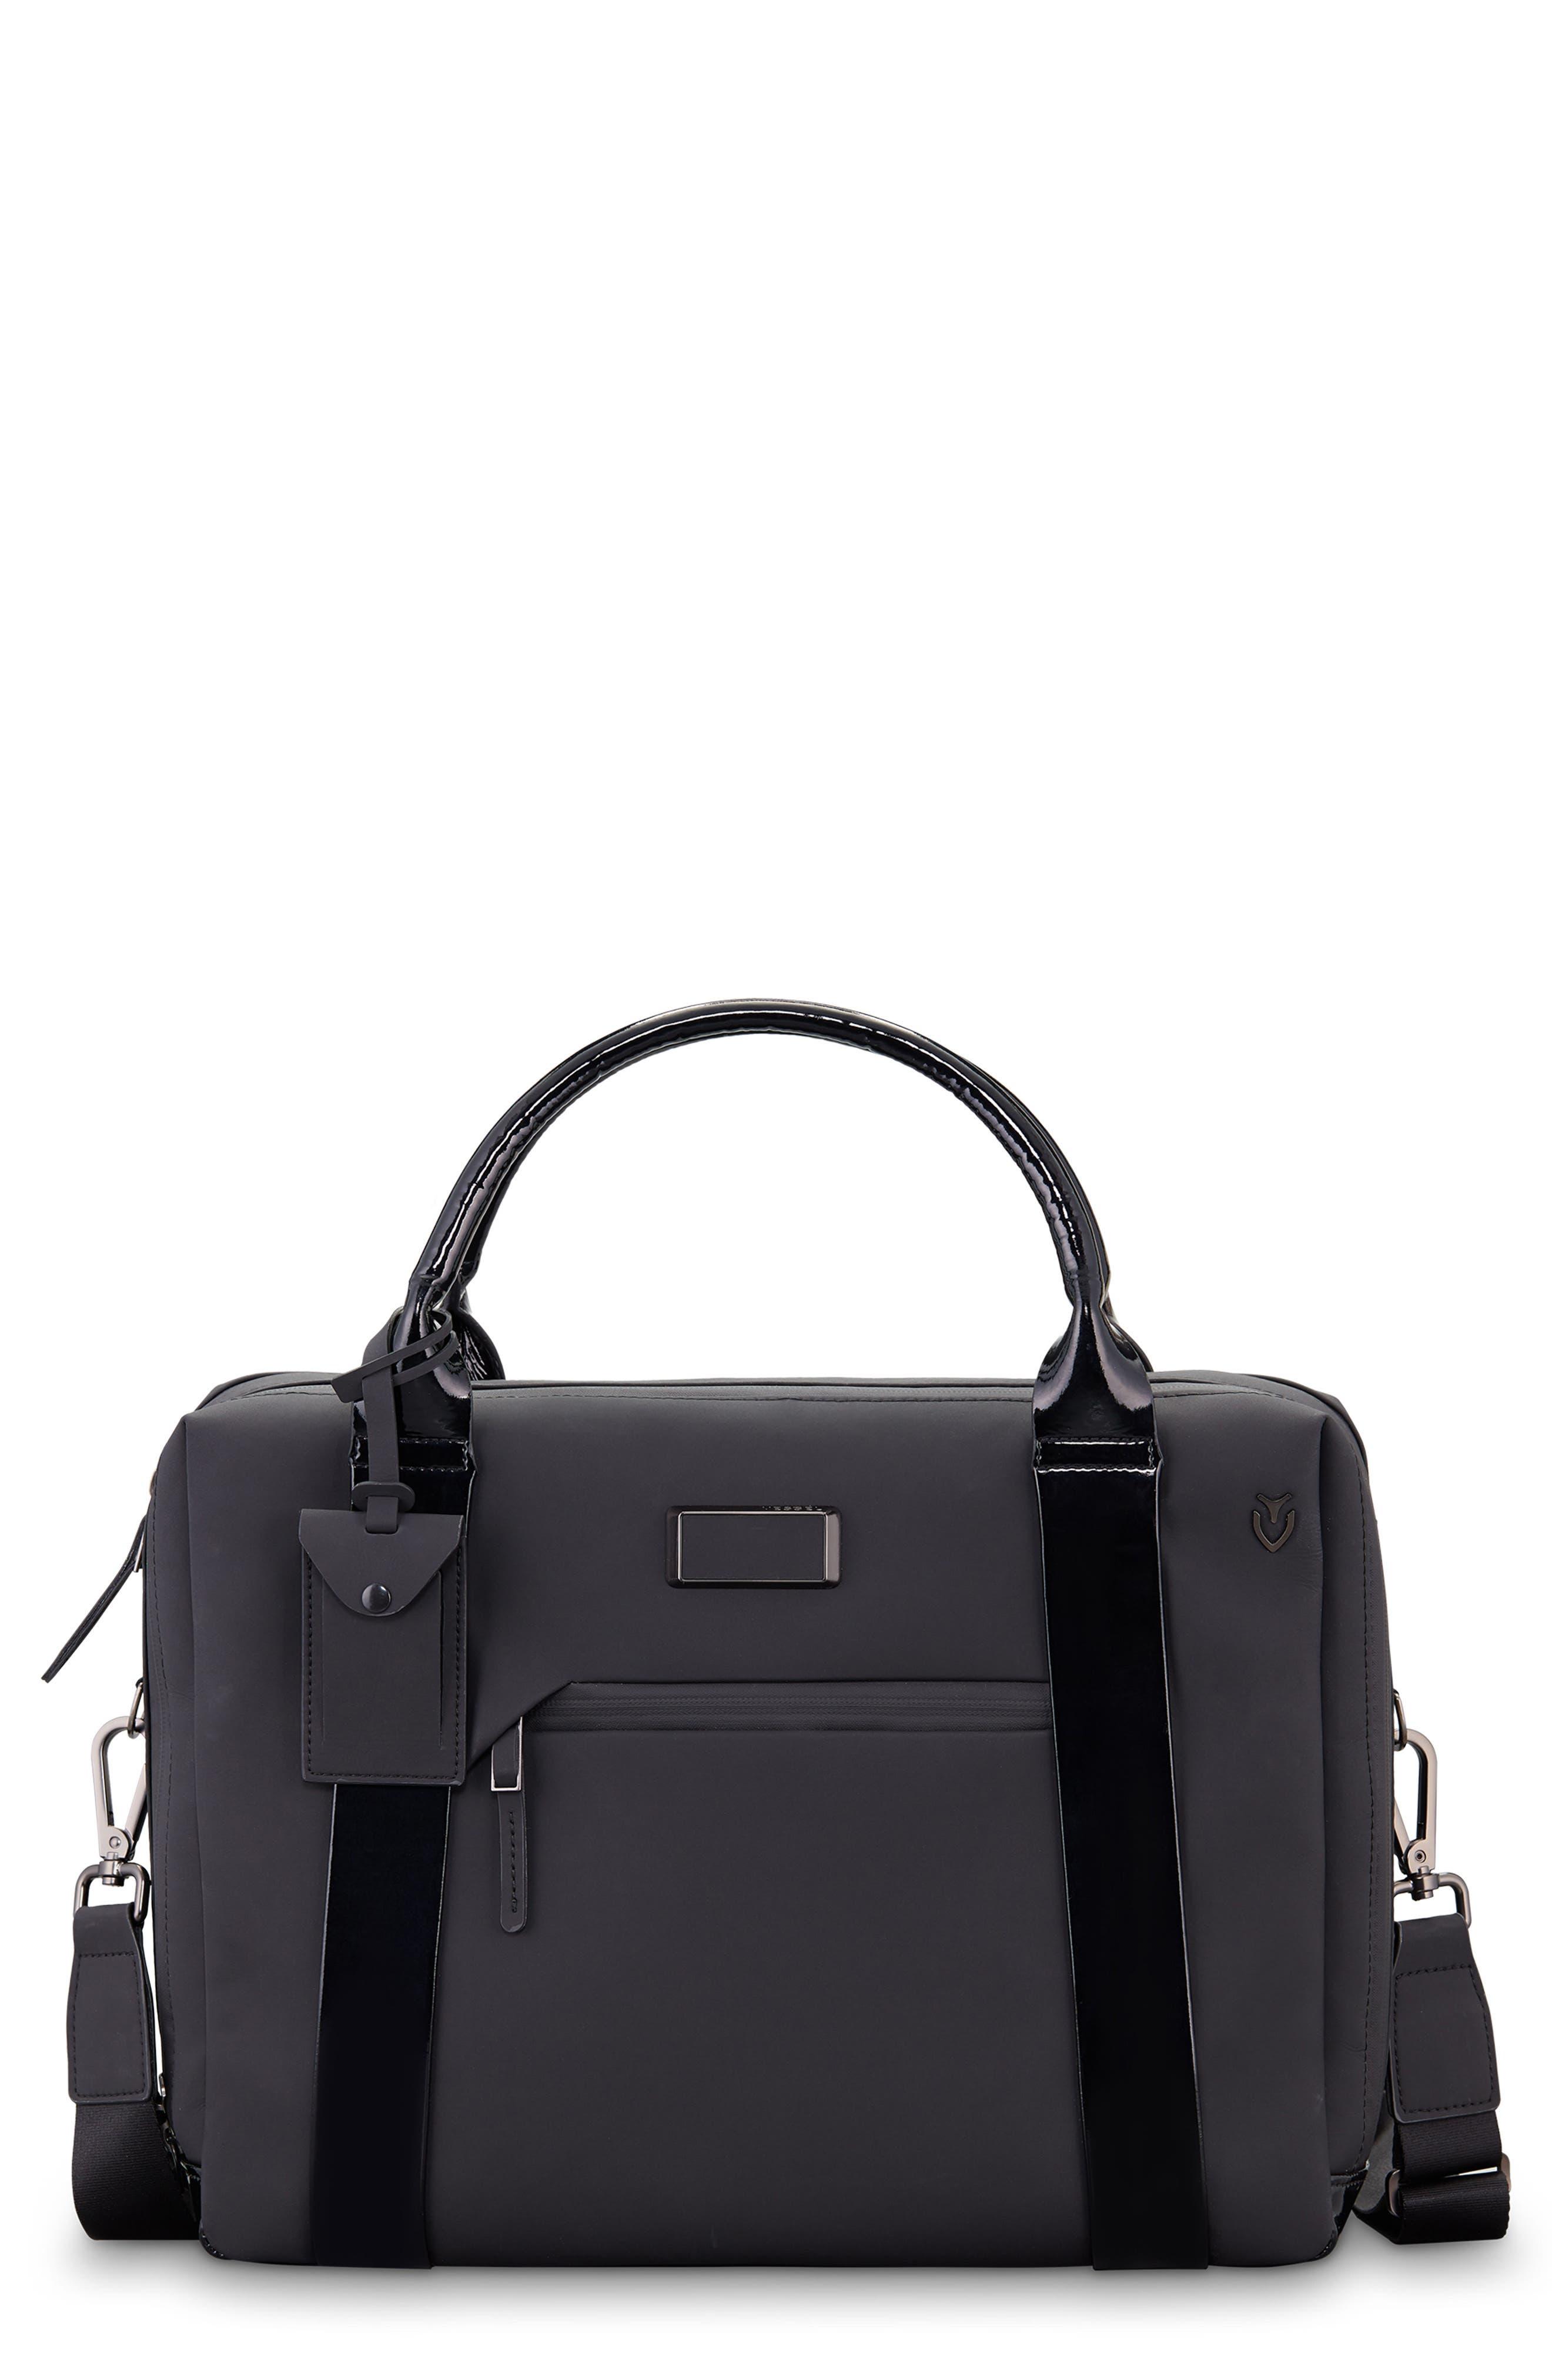 VESSEL Signature 2.0 Faux Leather Briefcase, Main, color, MATTE/ PATENT BLACK